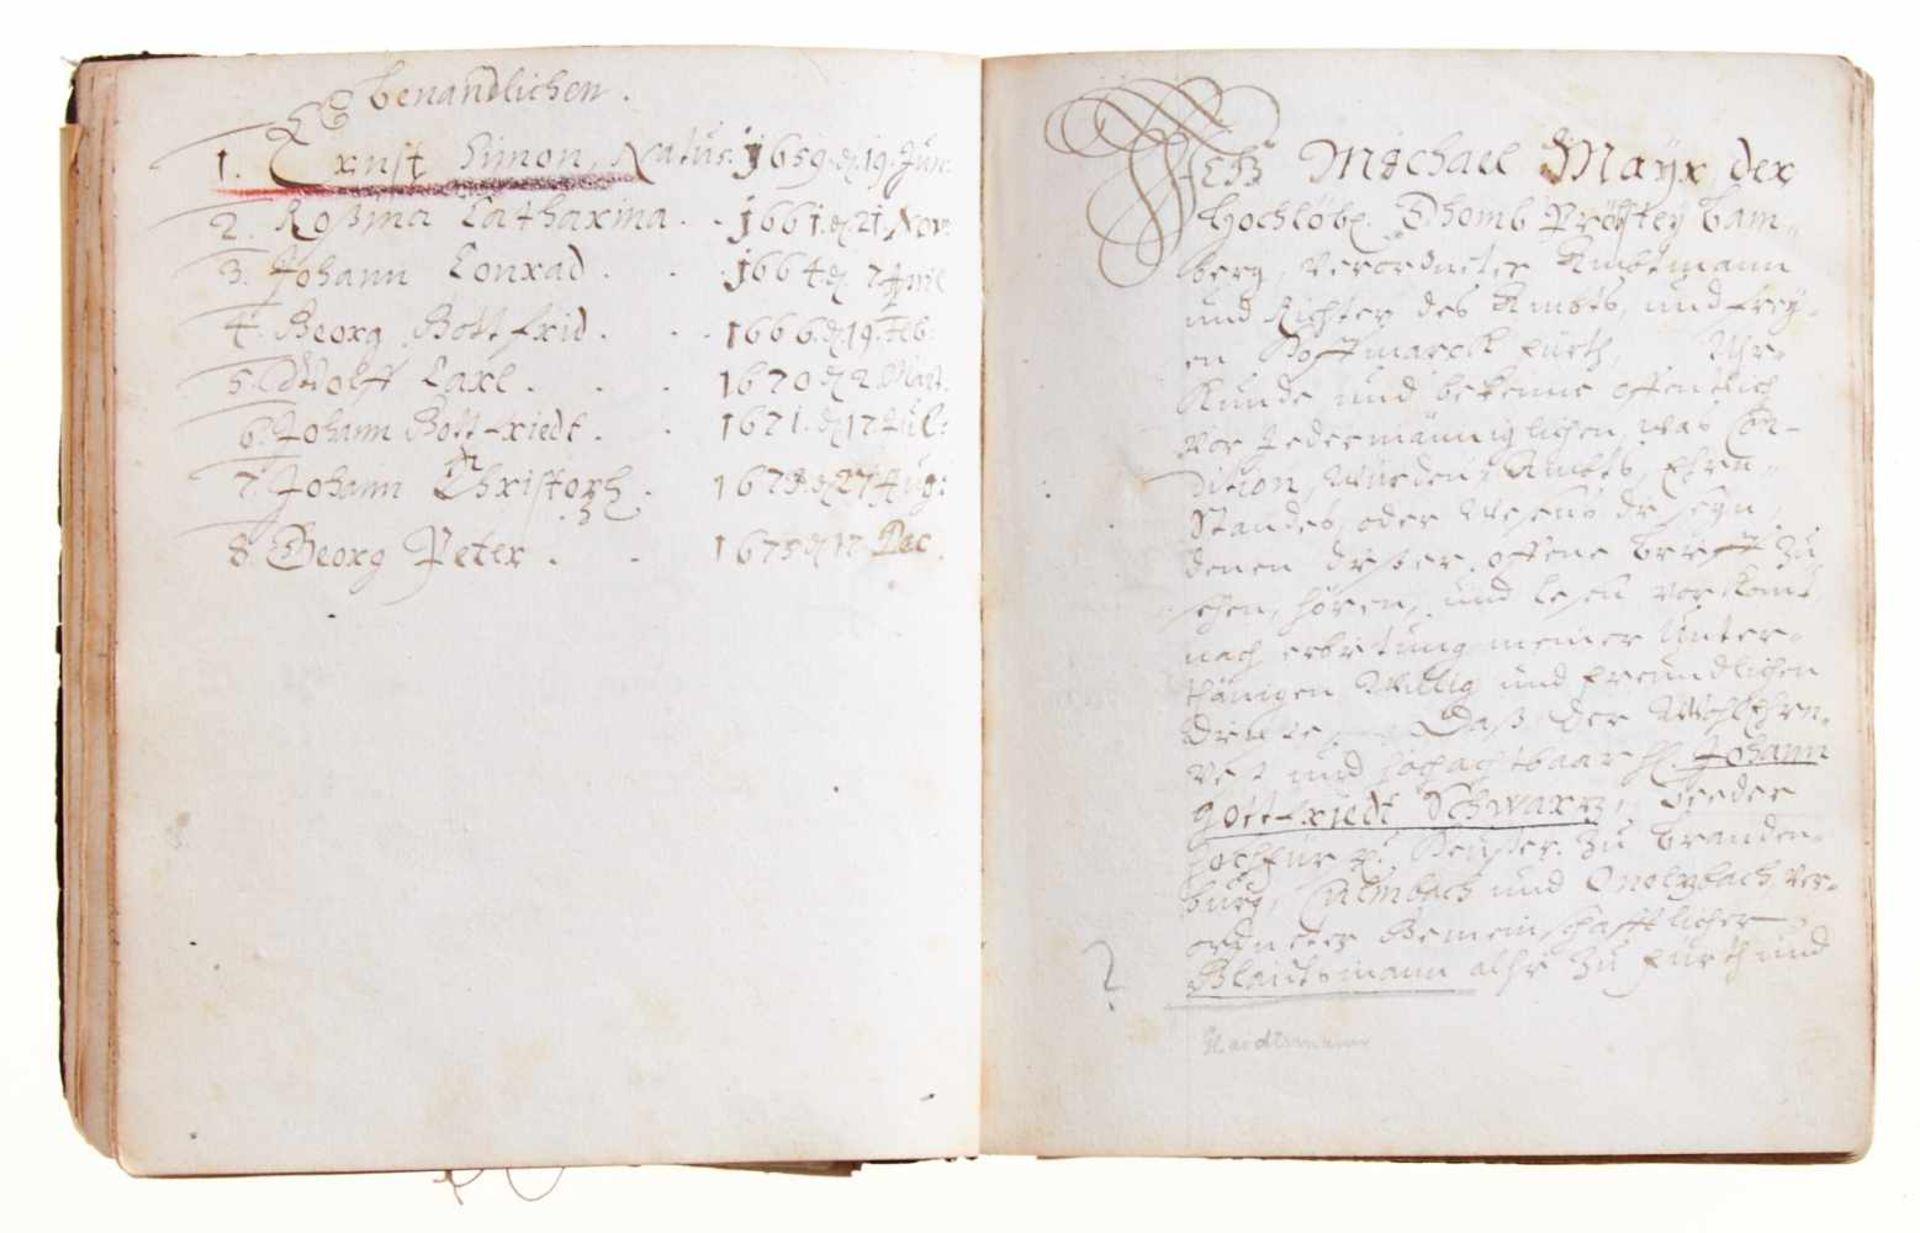 Schwar(t)z- Dokumentation zur Geschichte der Adelsfamilie Schwar(t)z.Deutsche Handschrift auf - Bild 3 aus 4